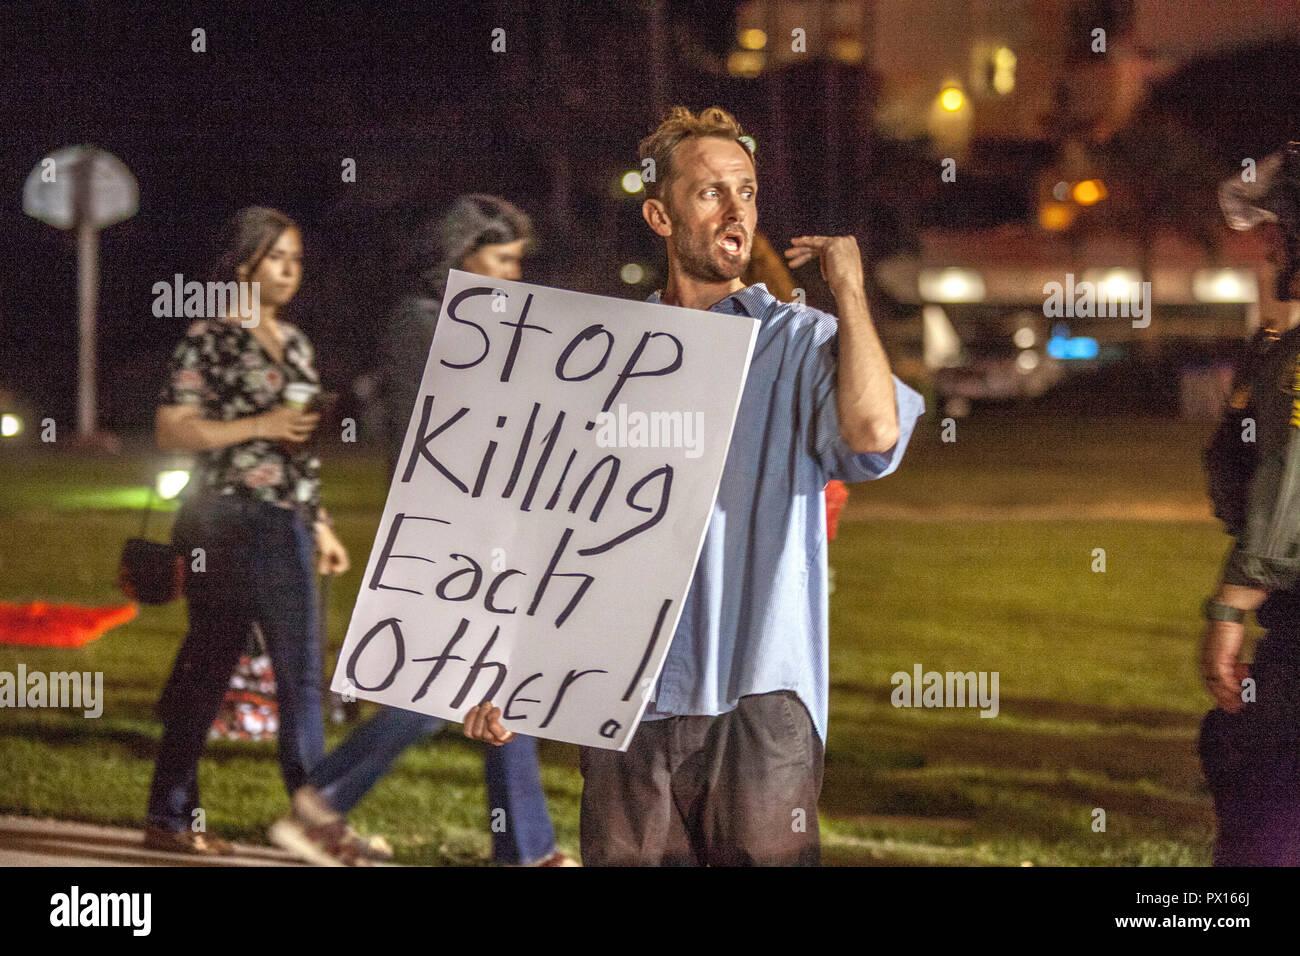 Portando un segno dicendo 'Stop uccidere ogni altro!' un dimostratore pacifista grida il suo messaggio ad un antiwar rally in Laguna Beach, CA. Immagini Stock